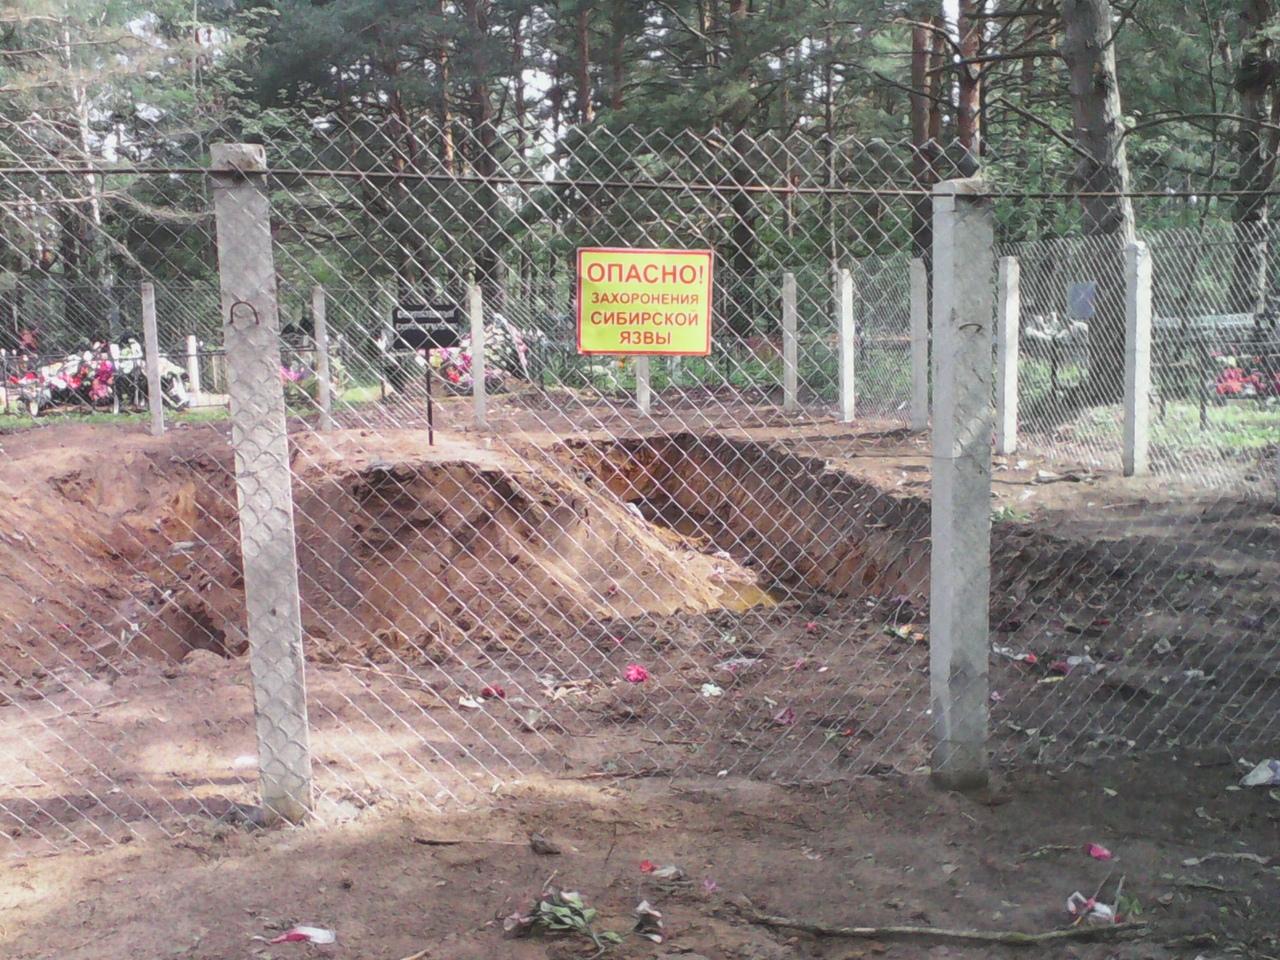 В Кимрах сибирскую язву «похоронили» на… человеческом кладбище